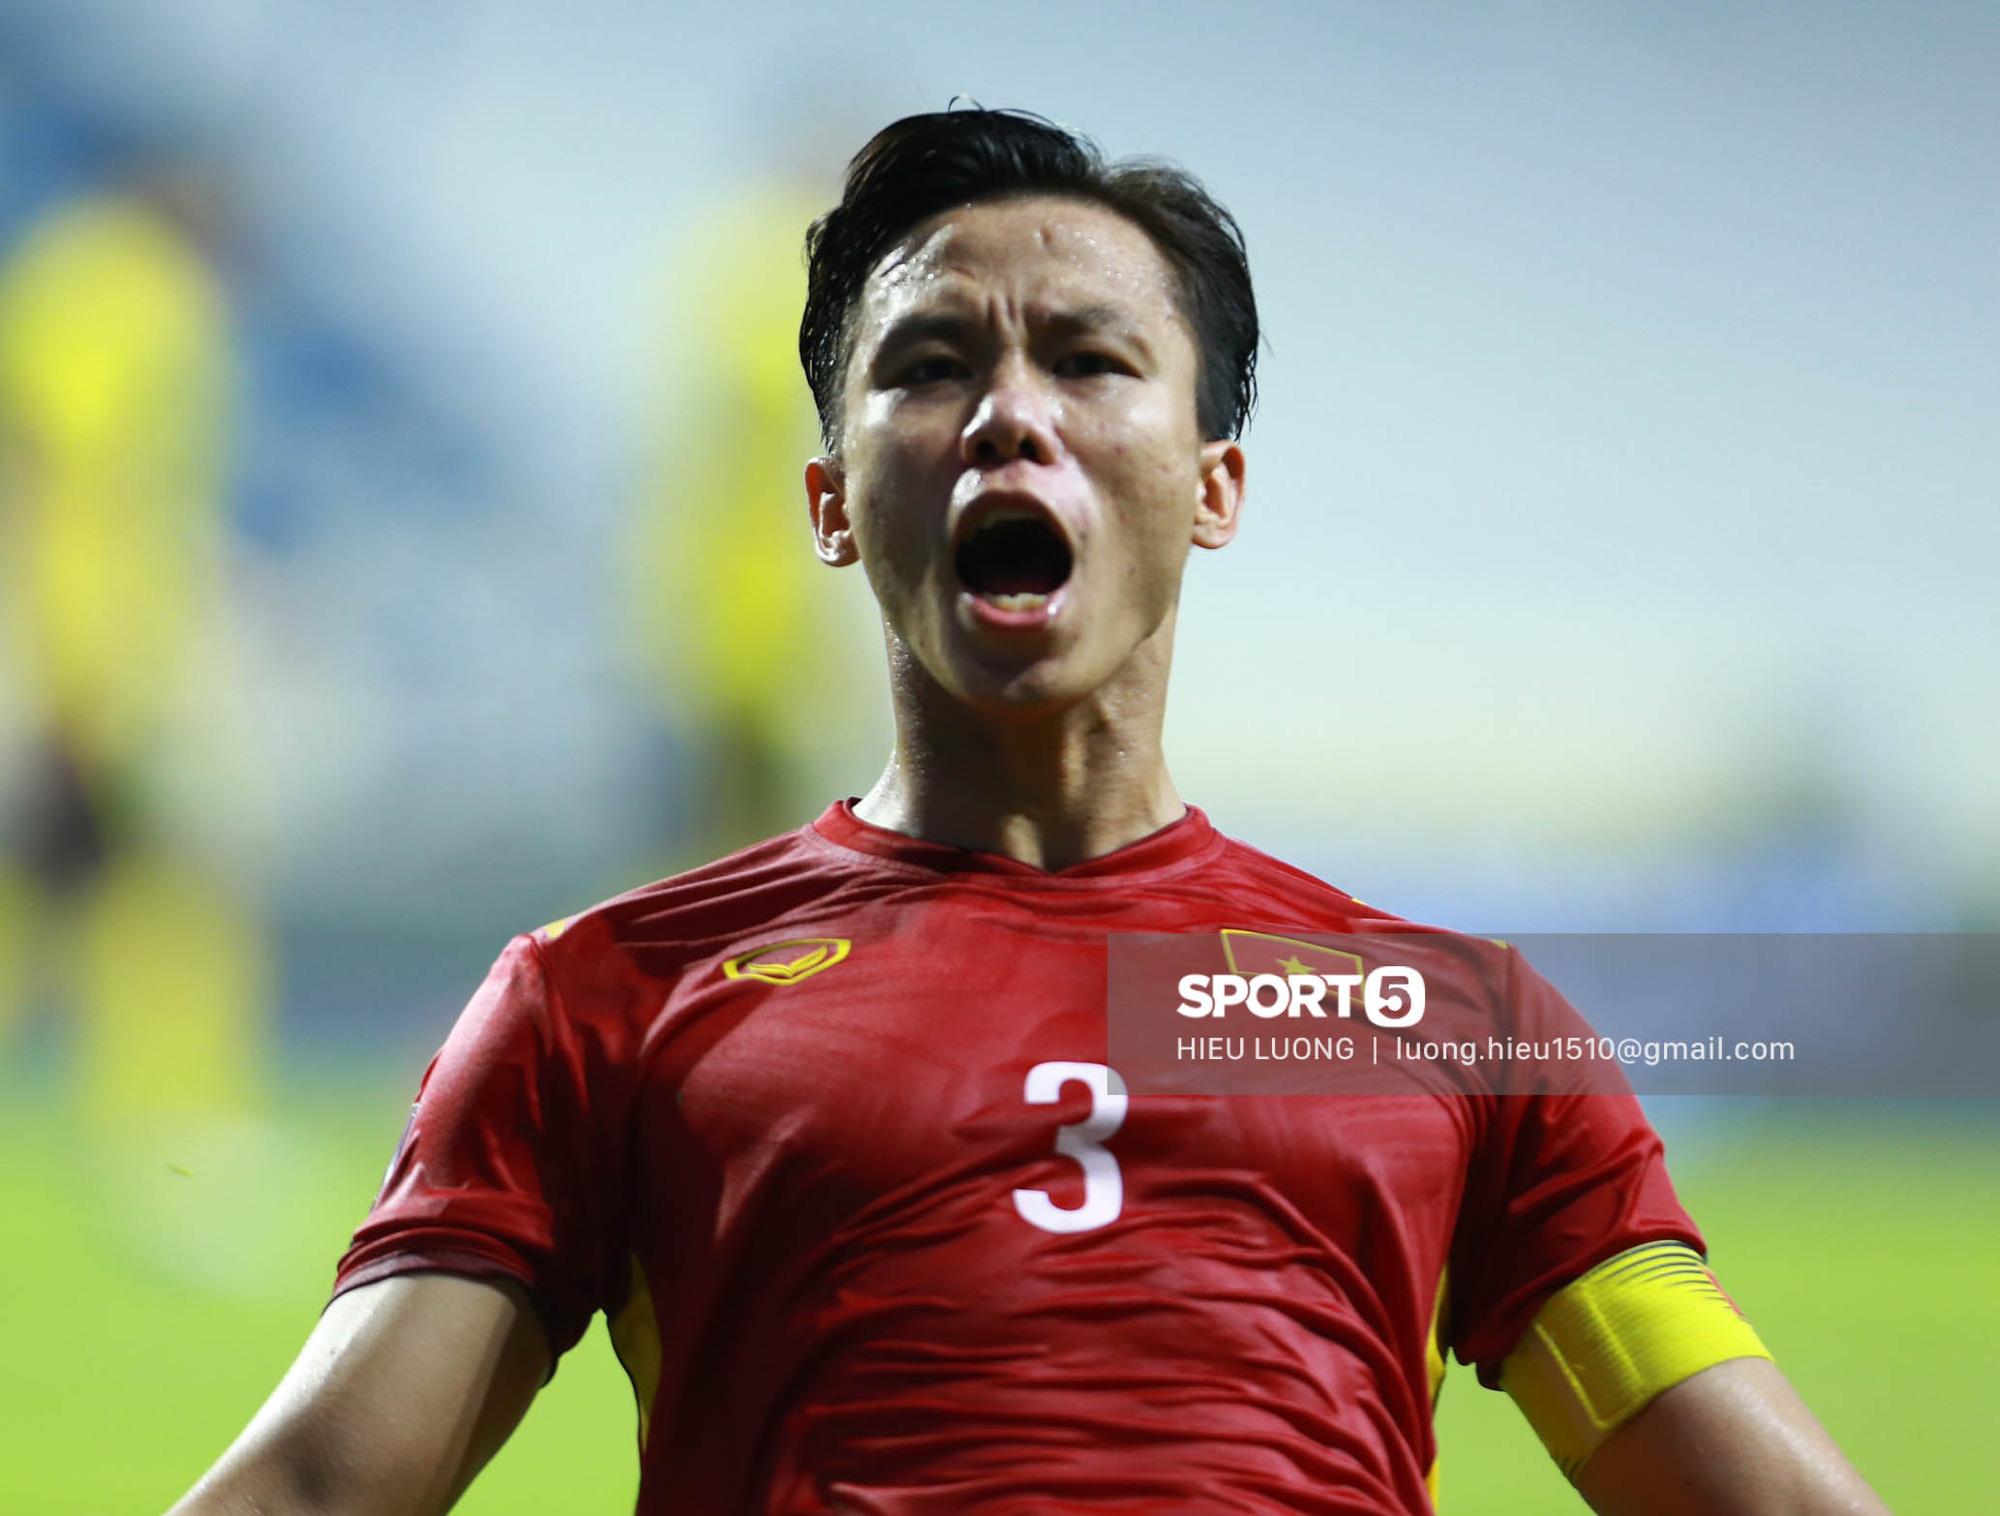 Chùm ảnh tuyển Việt Nam hân hoan với niềm vui chiến thắng Malaysia - ảnh 8